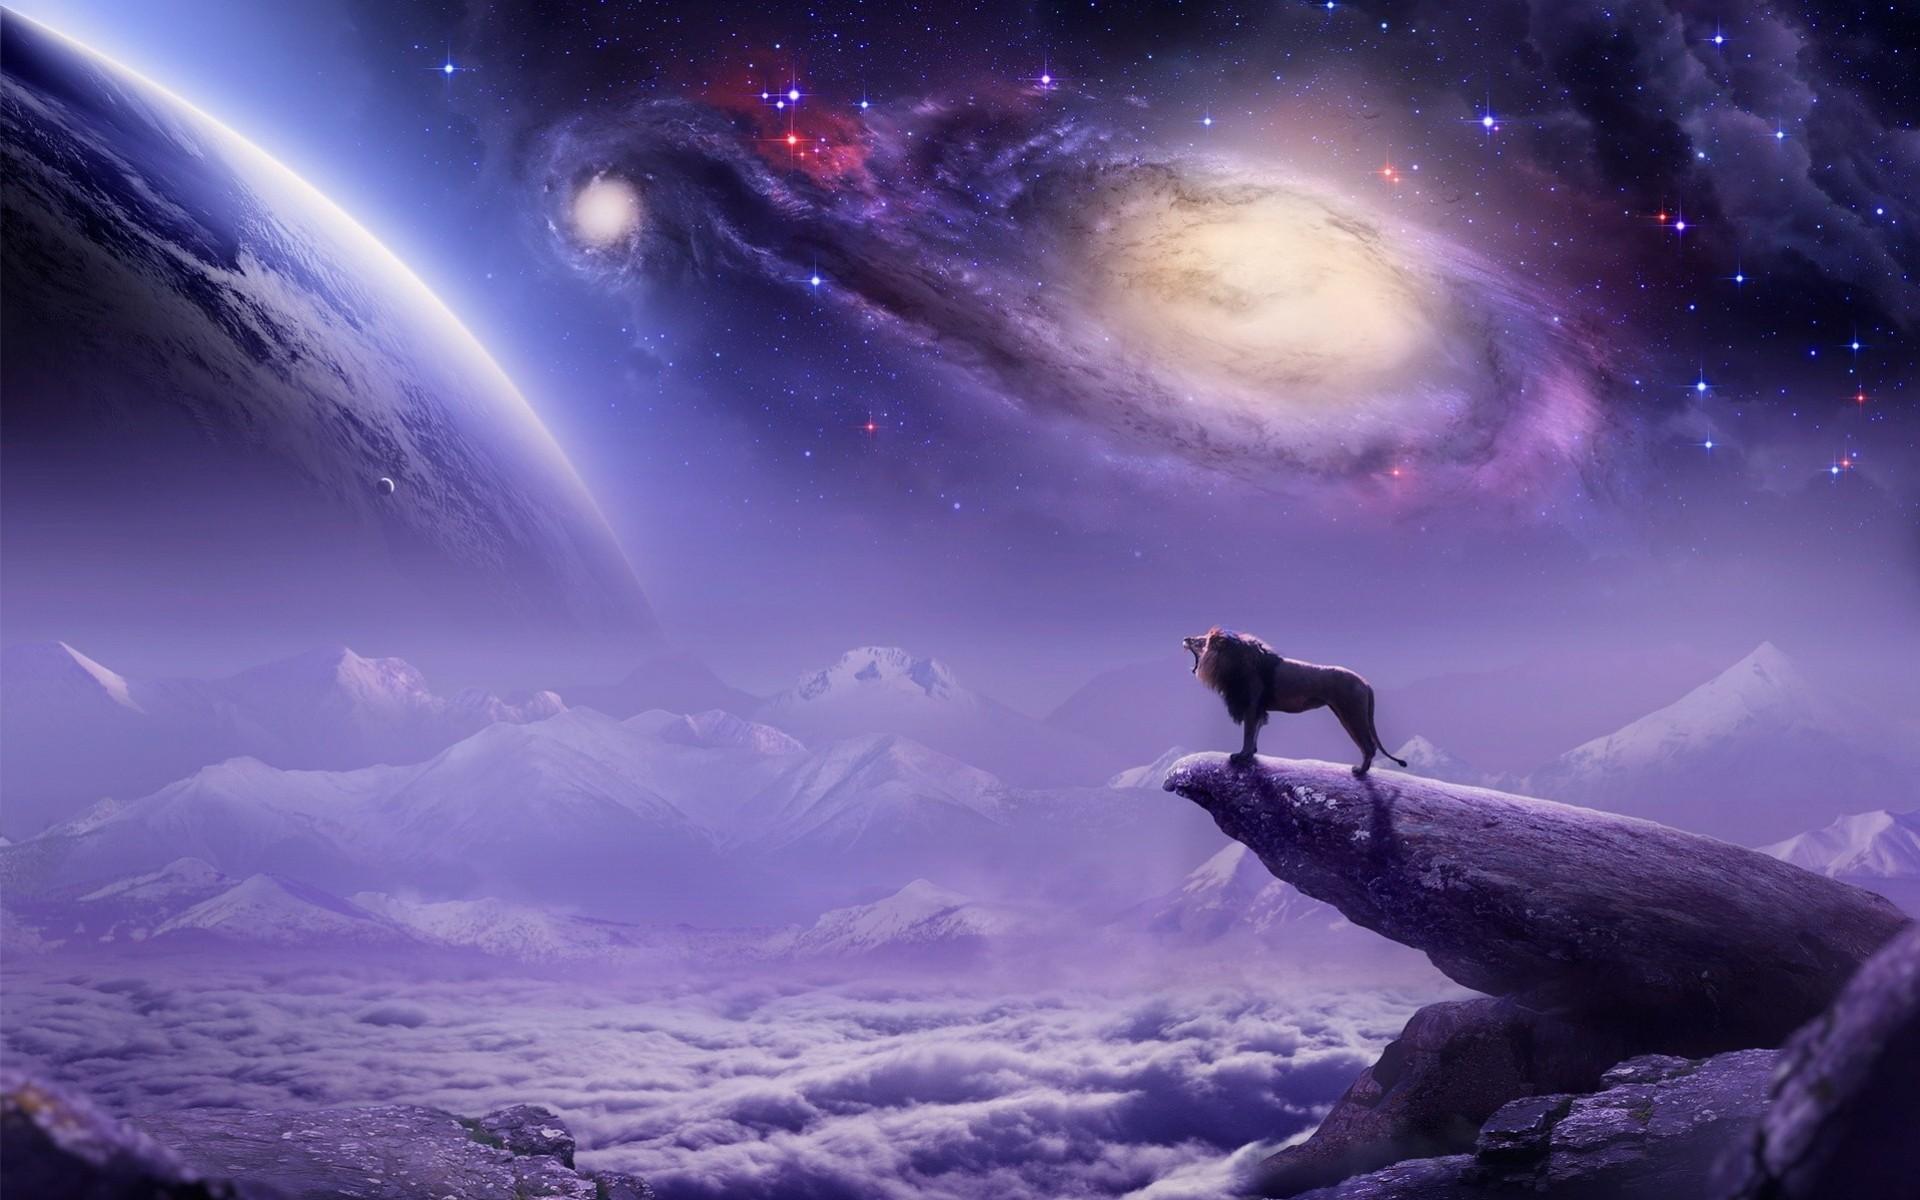 Обои Скалы планеты вода звезда картинки на рабочий стол на тему Космос - скачать  № 3553891  скачать